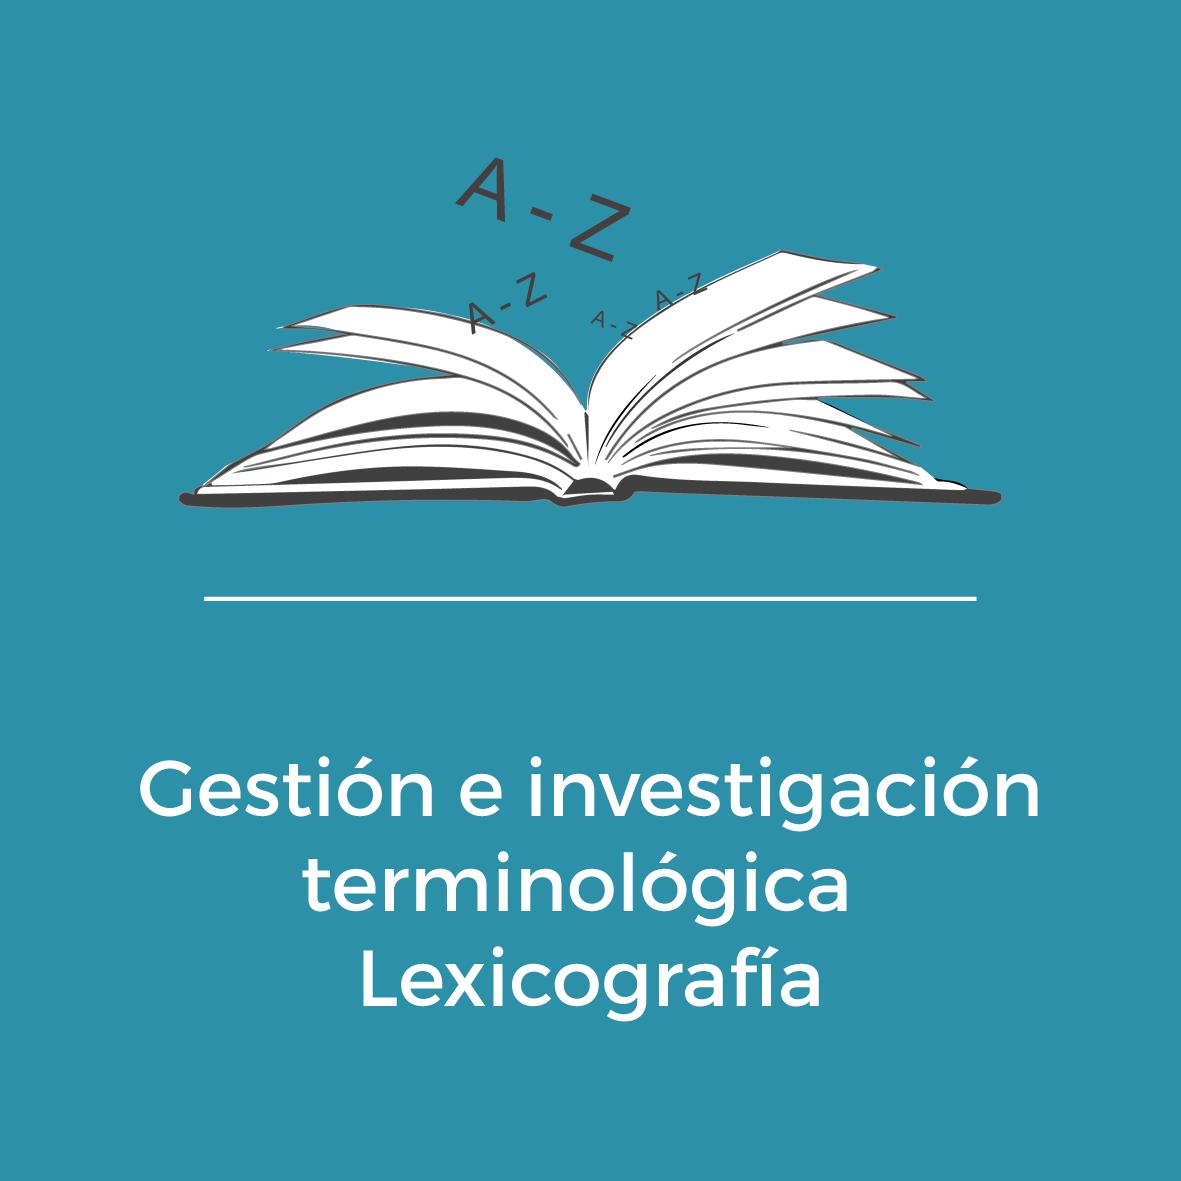 Servicios - Gestión e investigación terminológica -Lexicografía